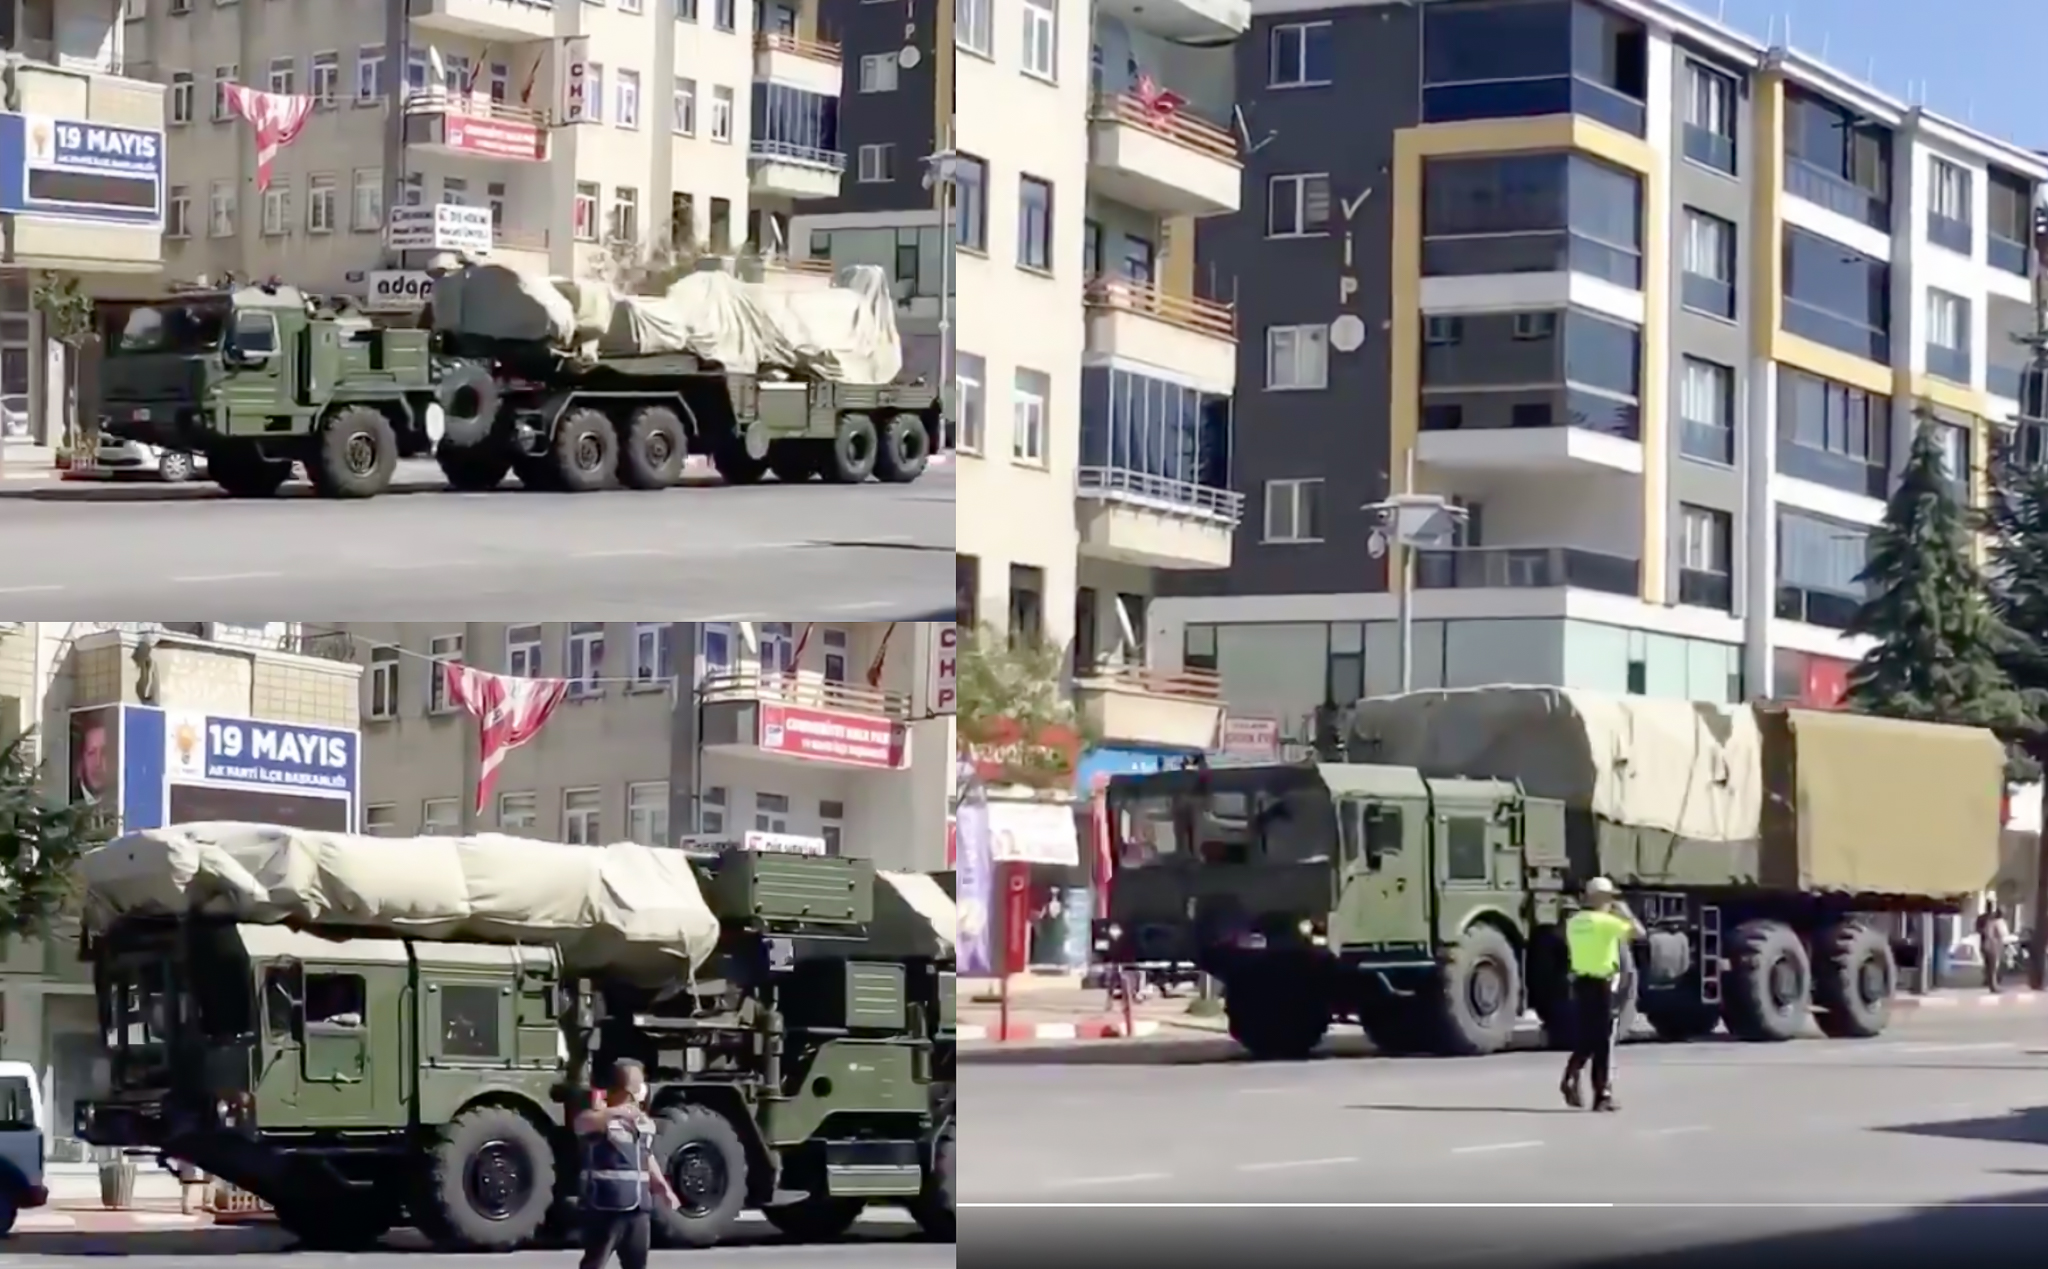 S-400 Hava Savunma Sistemi Kapsamlı Radar ve Atış Testleri için Sinop'a İntikal Etti!